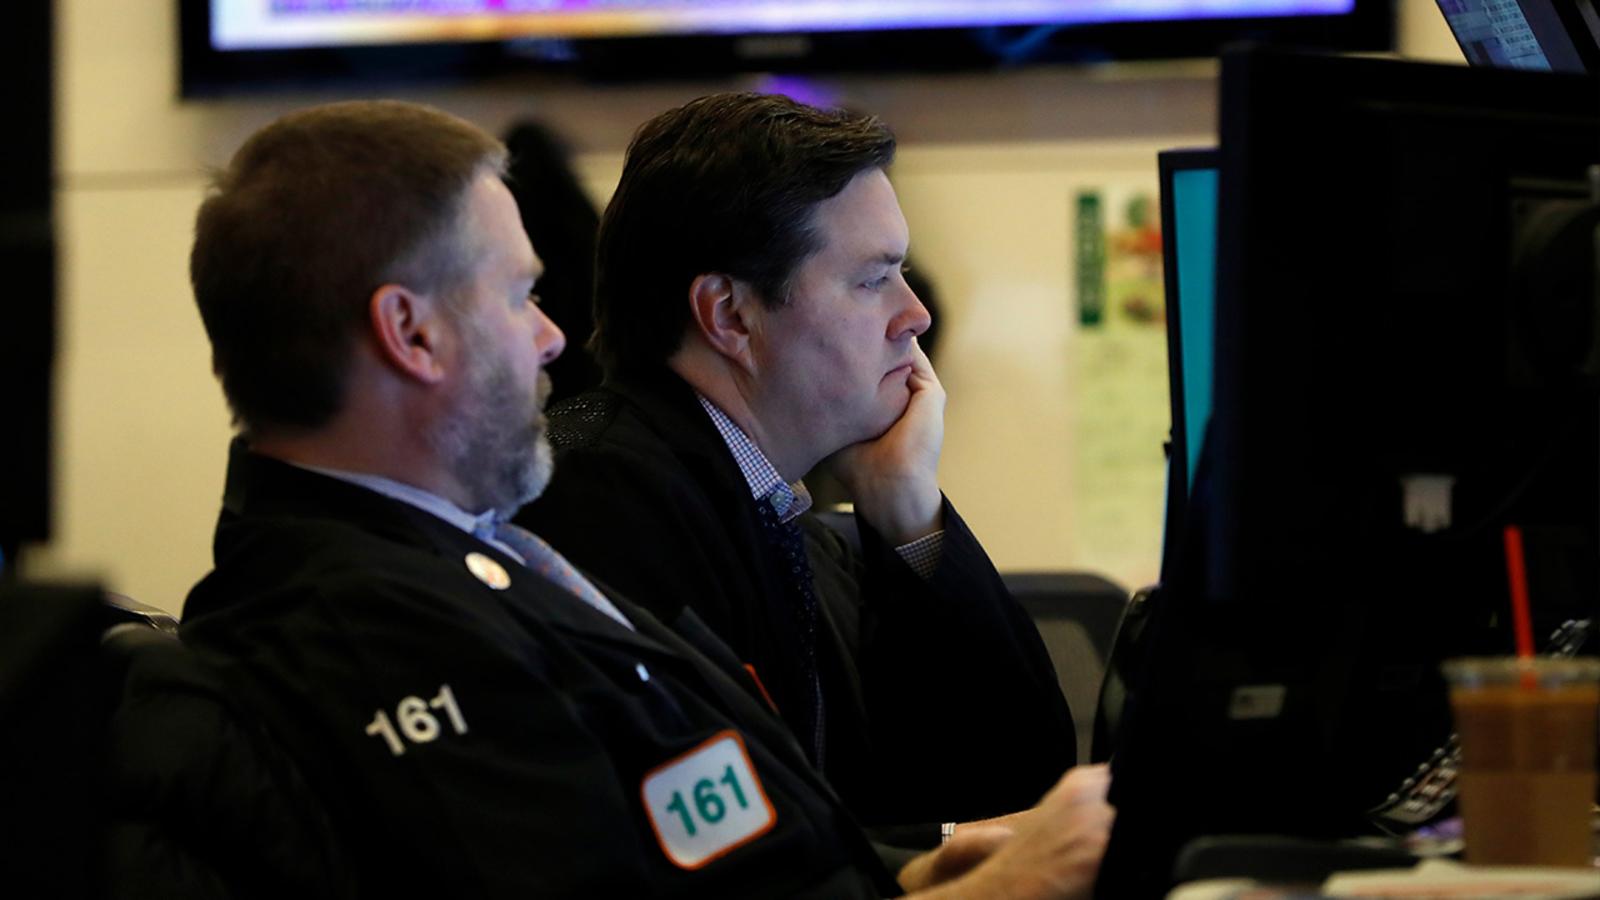 Markets tank, Dow Jones drops more than 1,000 points amid coronavirus concerns | abc7ny.com